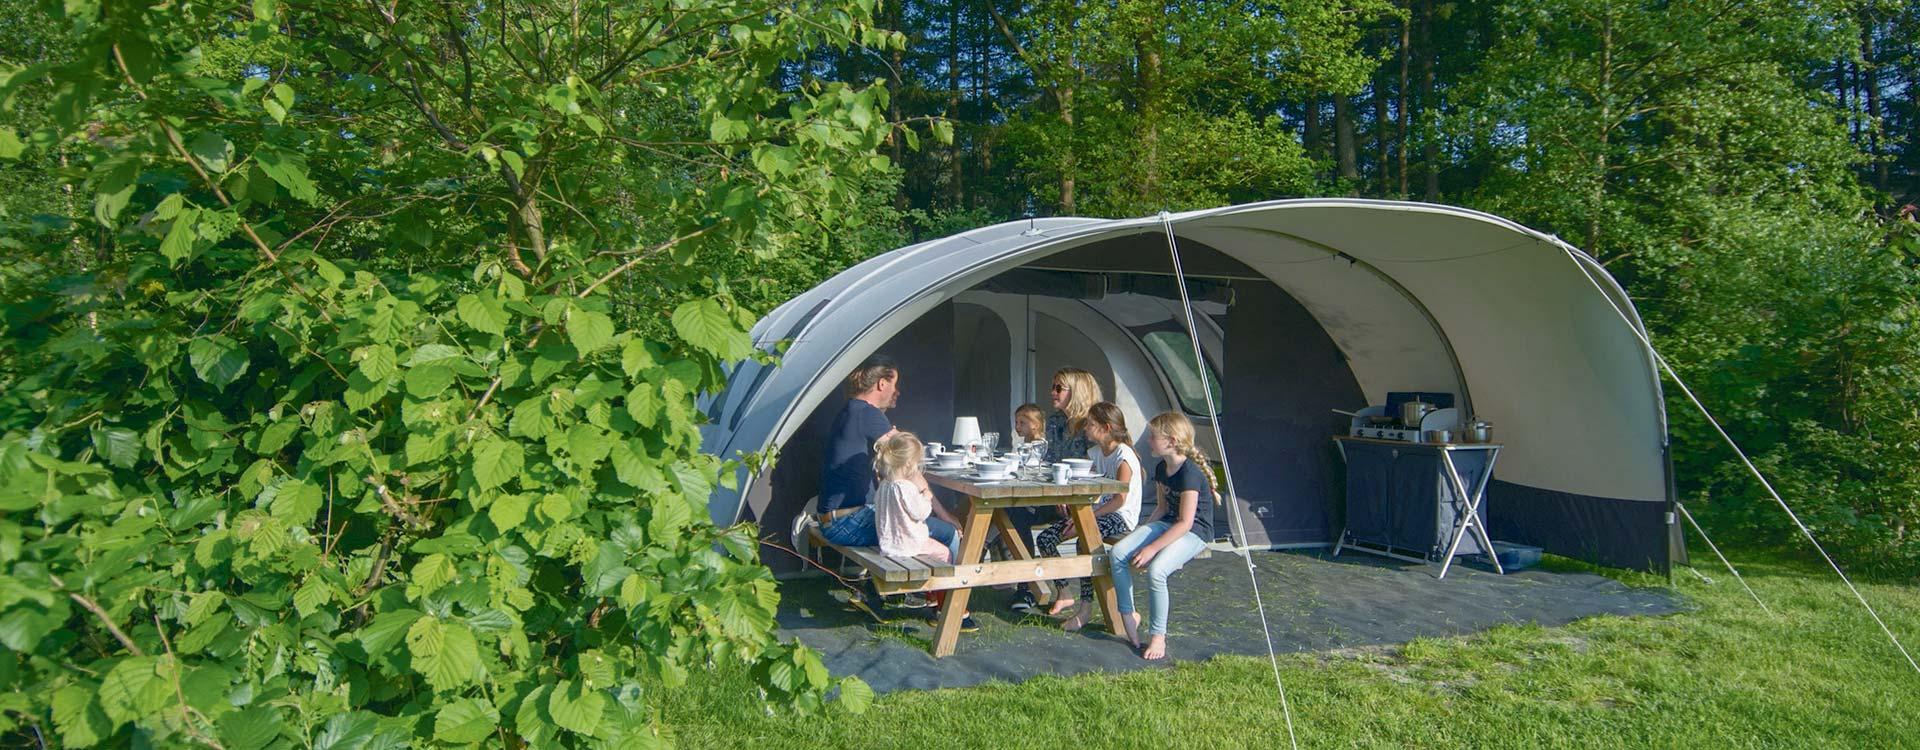 camping-de-berken-kamperen-in-een-tent